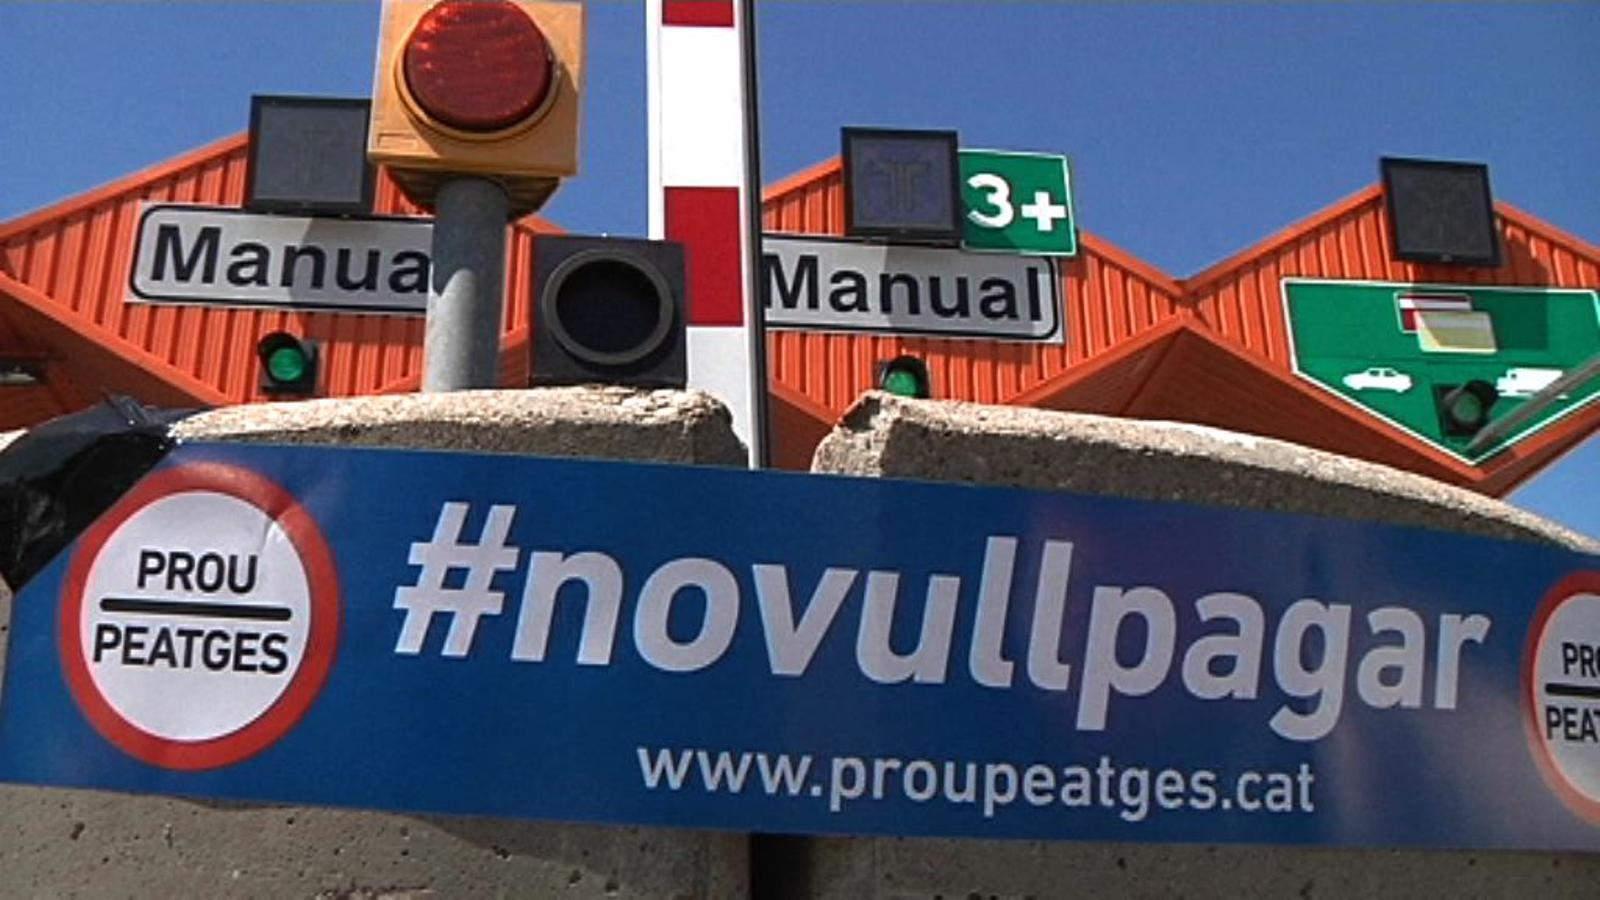 Al peatge de Vilassar: Aquestes autopistes ja estan amortitzades i ja n'hi ha prou